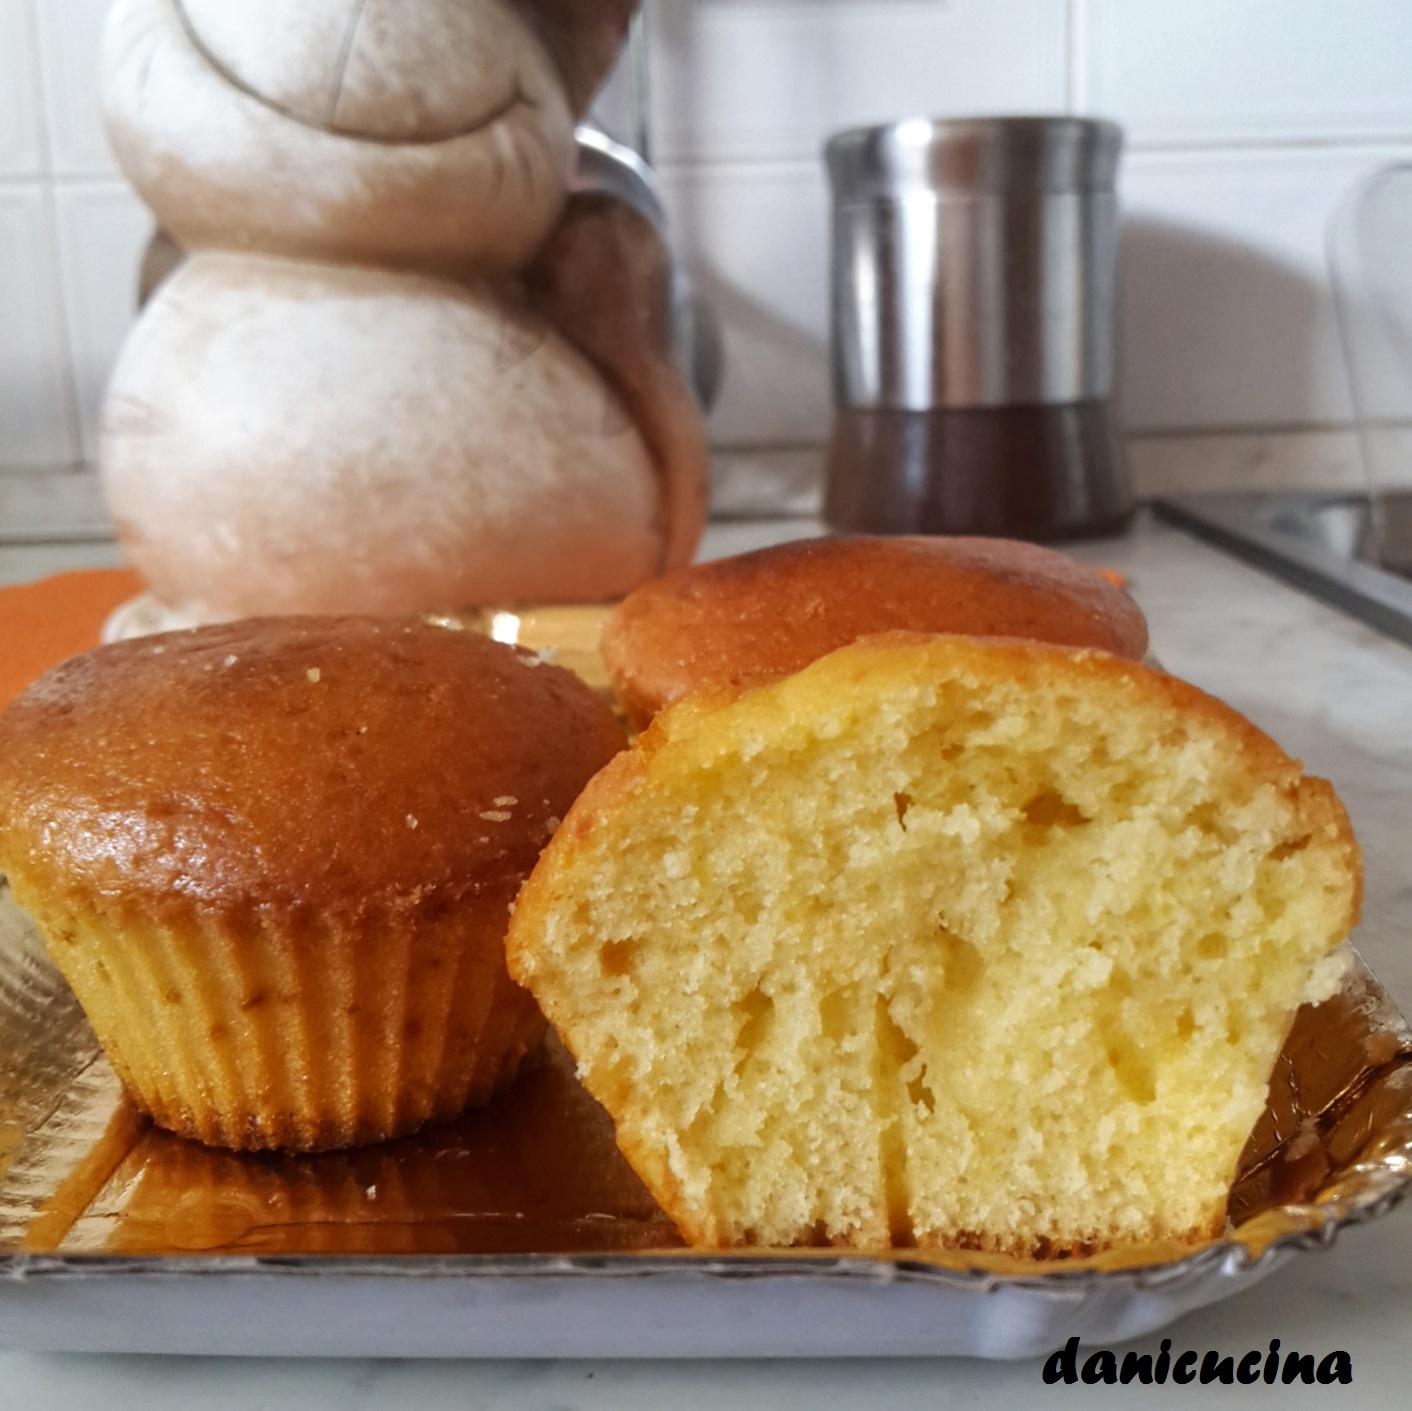 Famoso Muffin 7 vasetti - ricetta facile per la colazione | DANICUCINA SS81